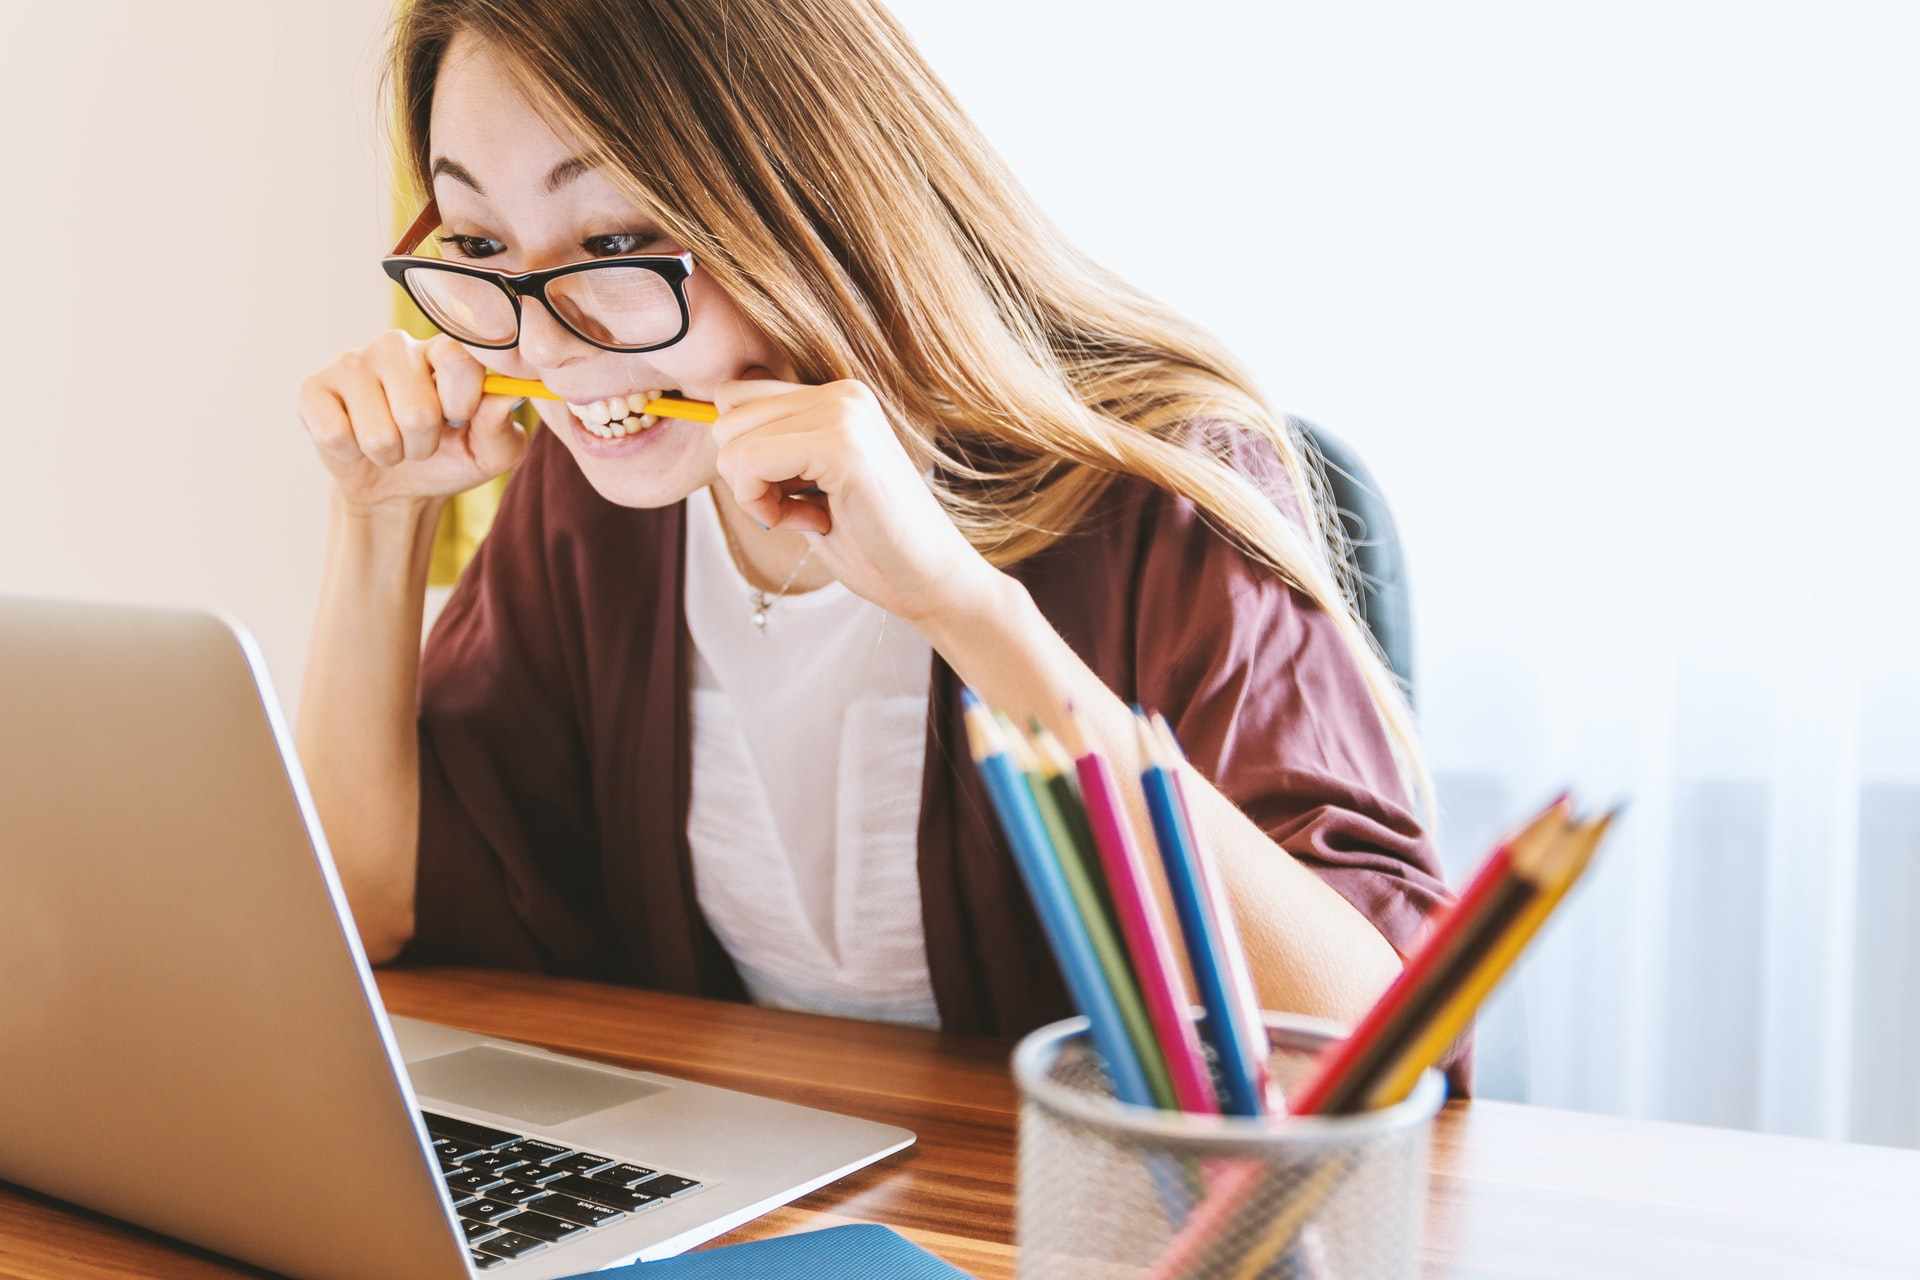 Como pedir a revisão da nota do TOEFL?